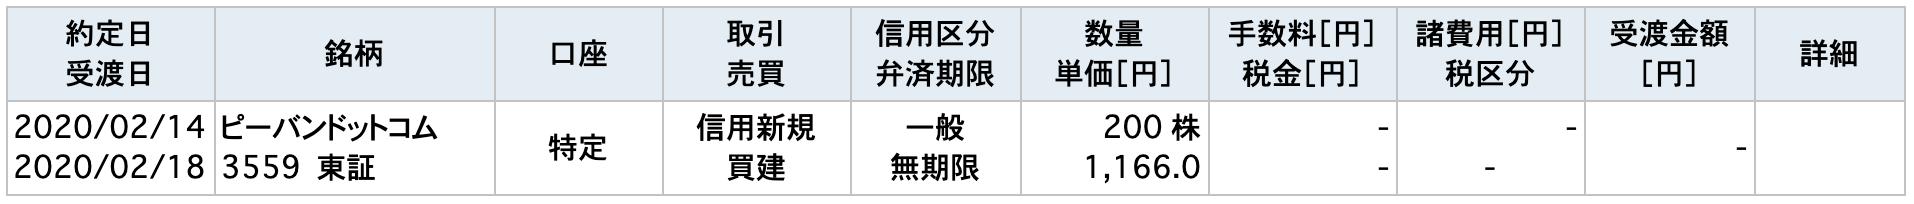 020/2/14ピーバンドットコム取引一覧